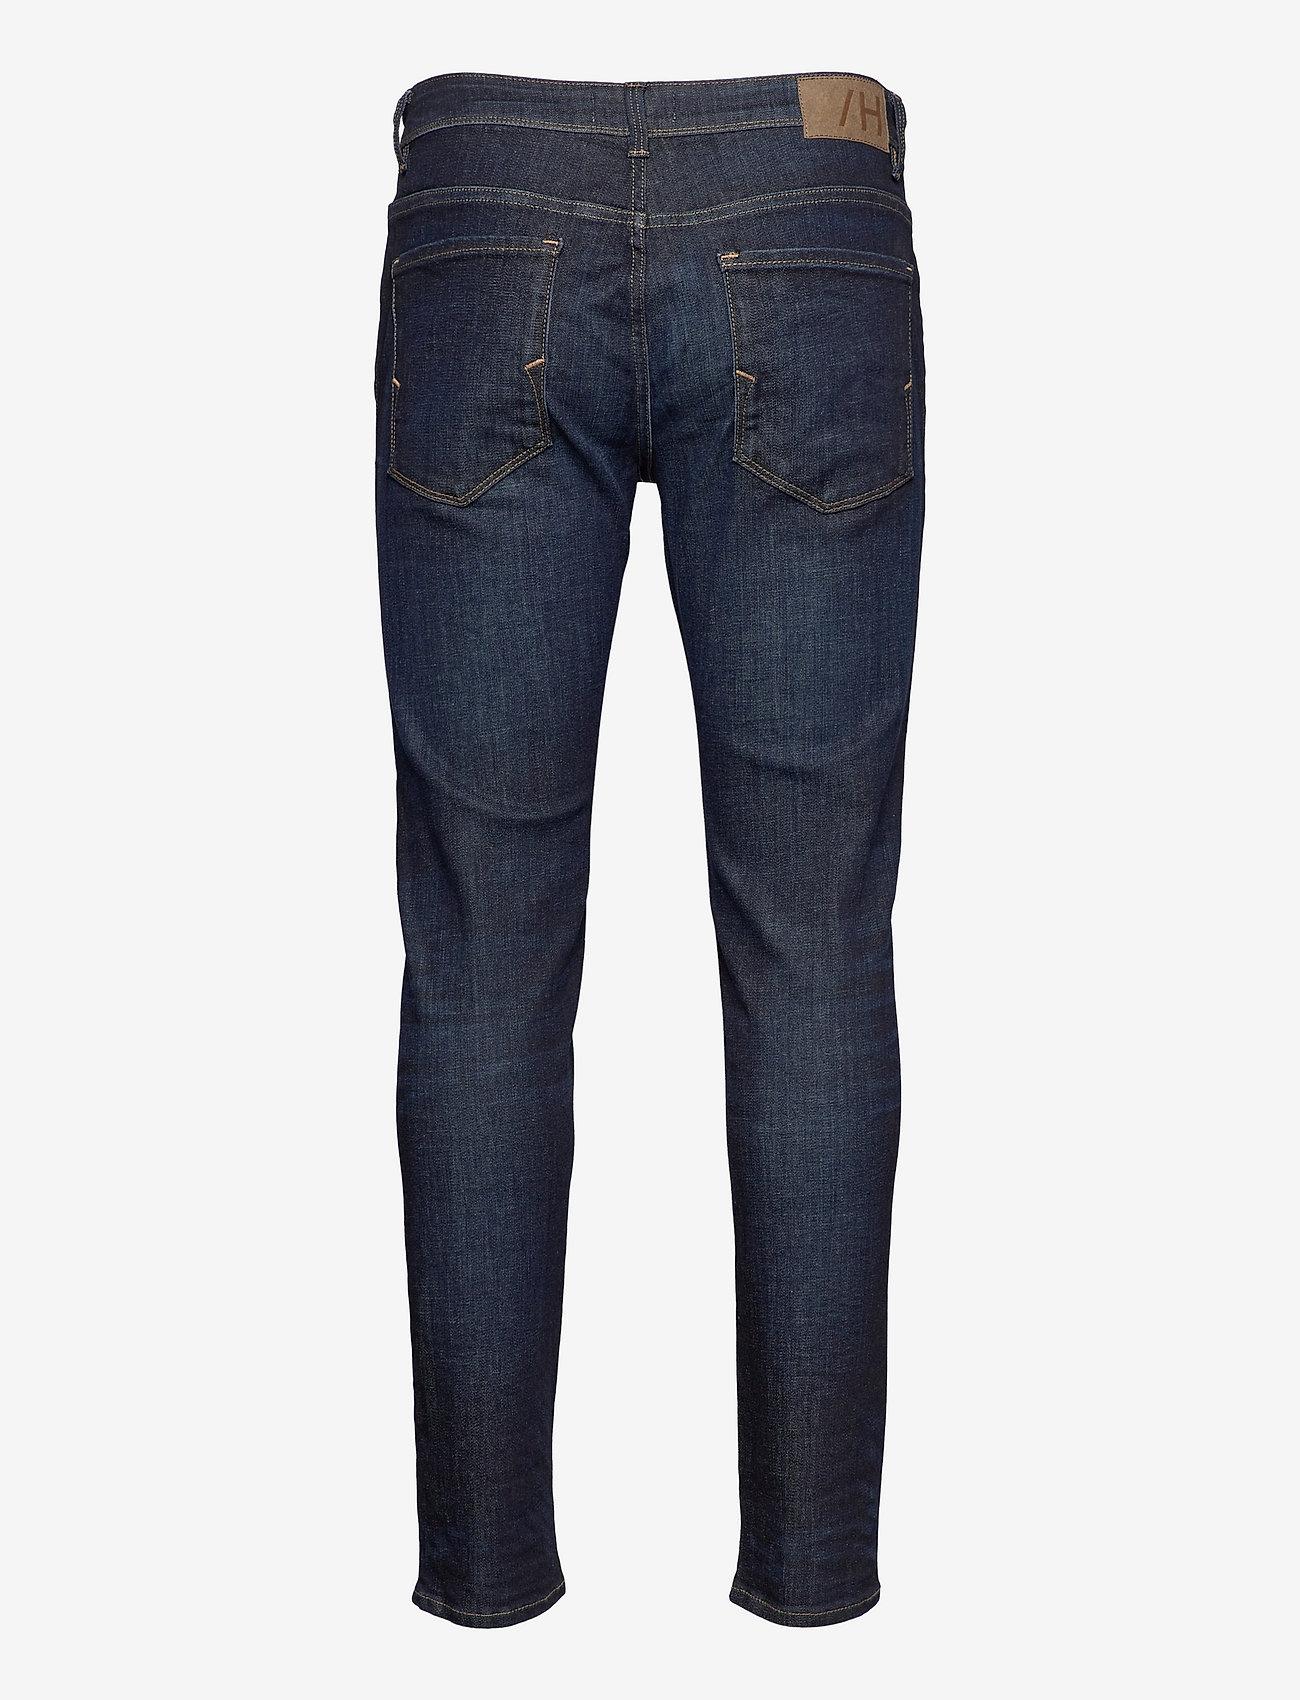 Selected Homme - SLHSLIM-LEON 6291 D.B SUPERST JNS U - slim jeans - dark blue denim - 1